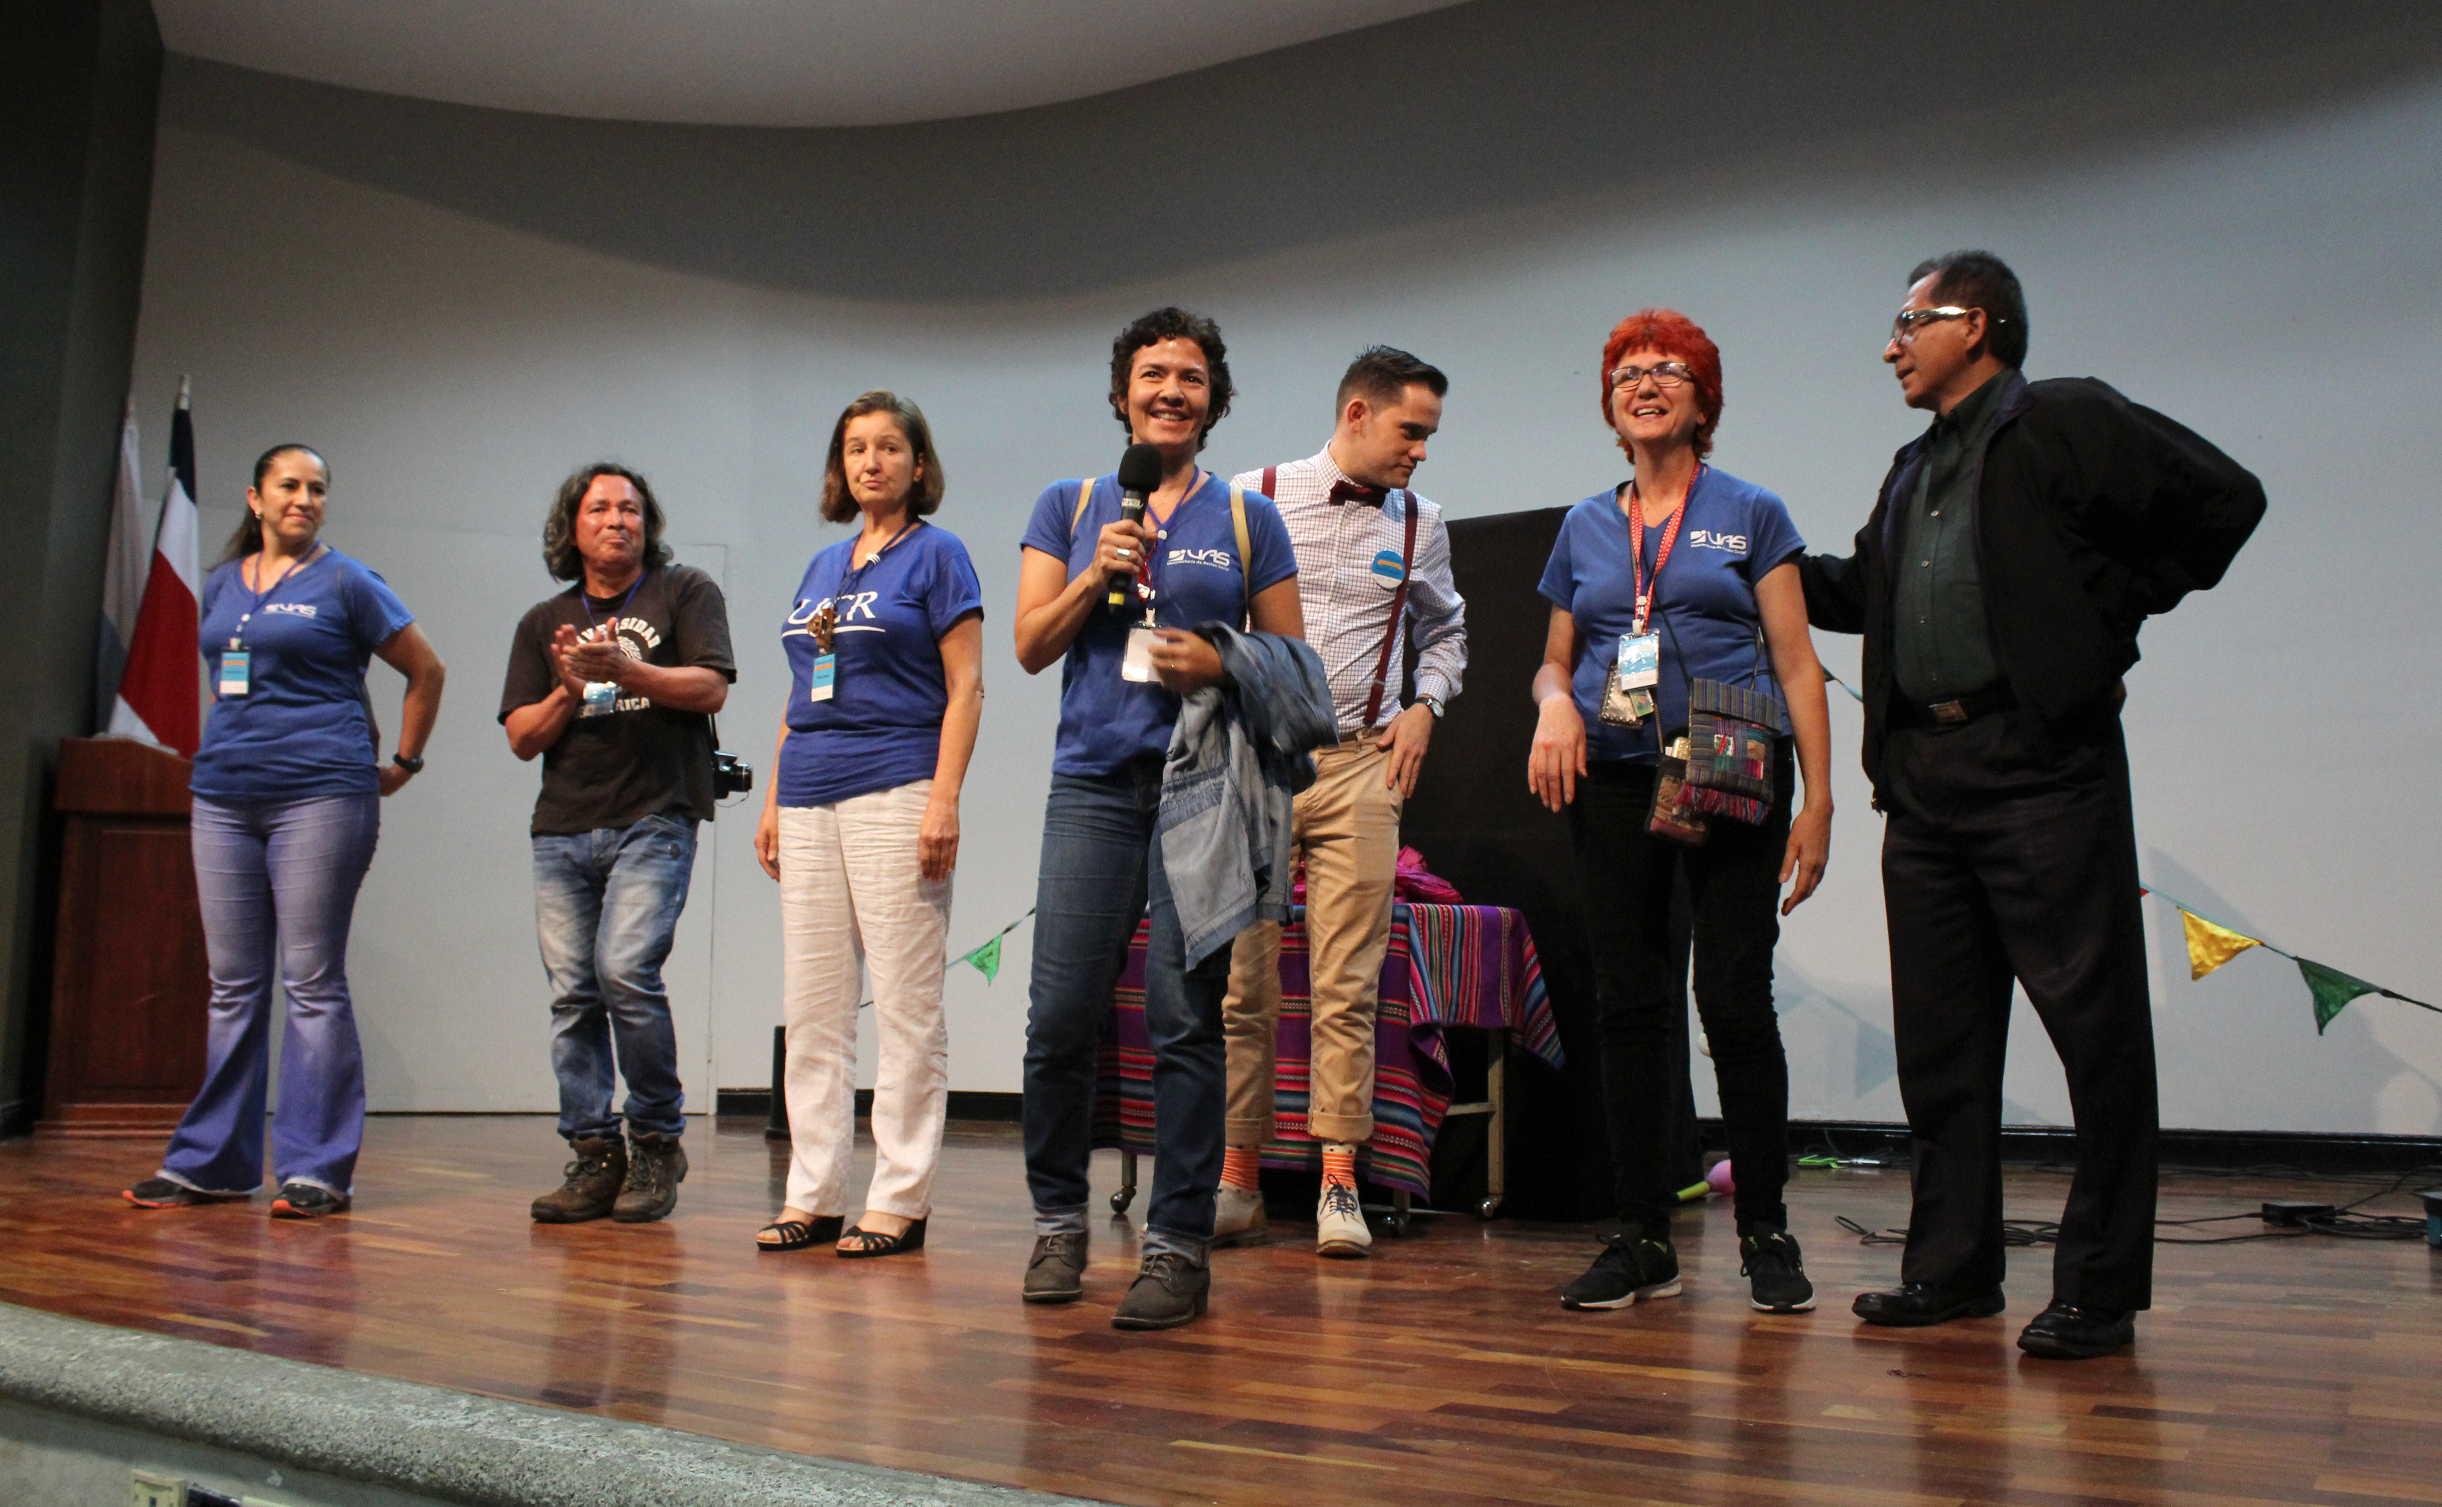 Parte del equipo organizador de Títere-tandas compuesto por compañeros de Extensión Cultural y la Vicerrectoría de Acción Social, hicieron posible la primera edición de este festival para celebrar a los niños y las niñas de Costa Rica.